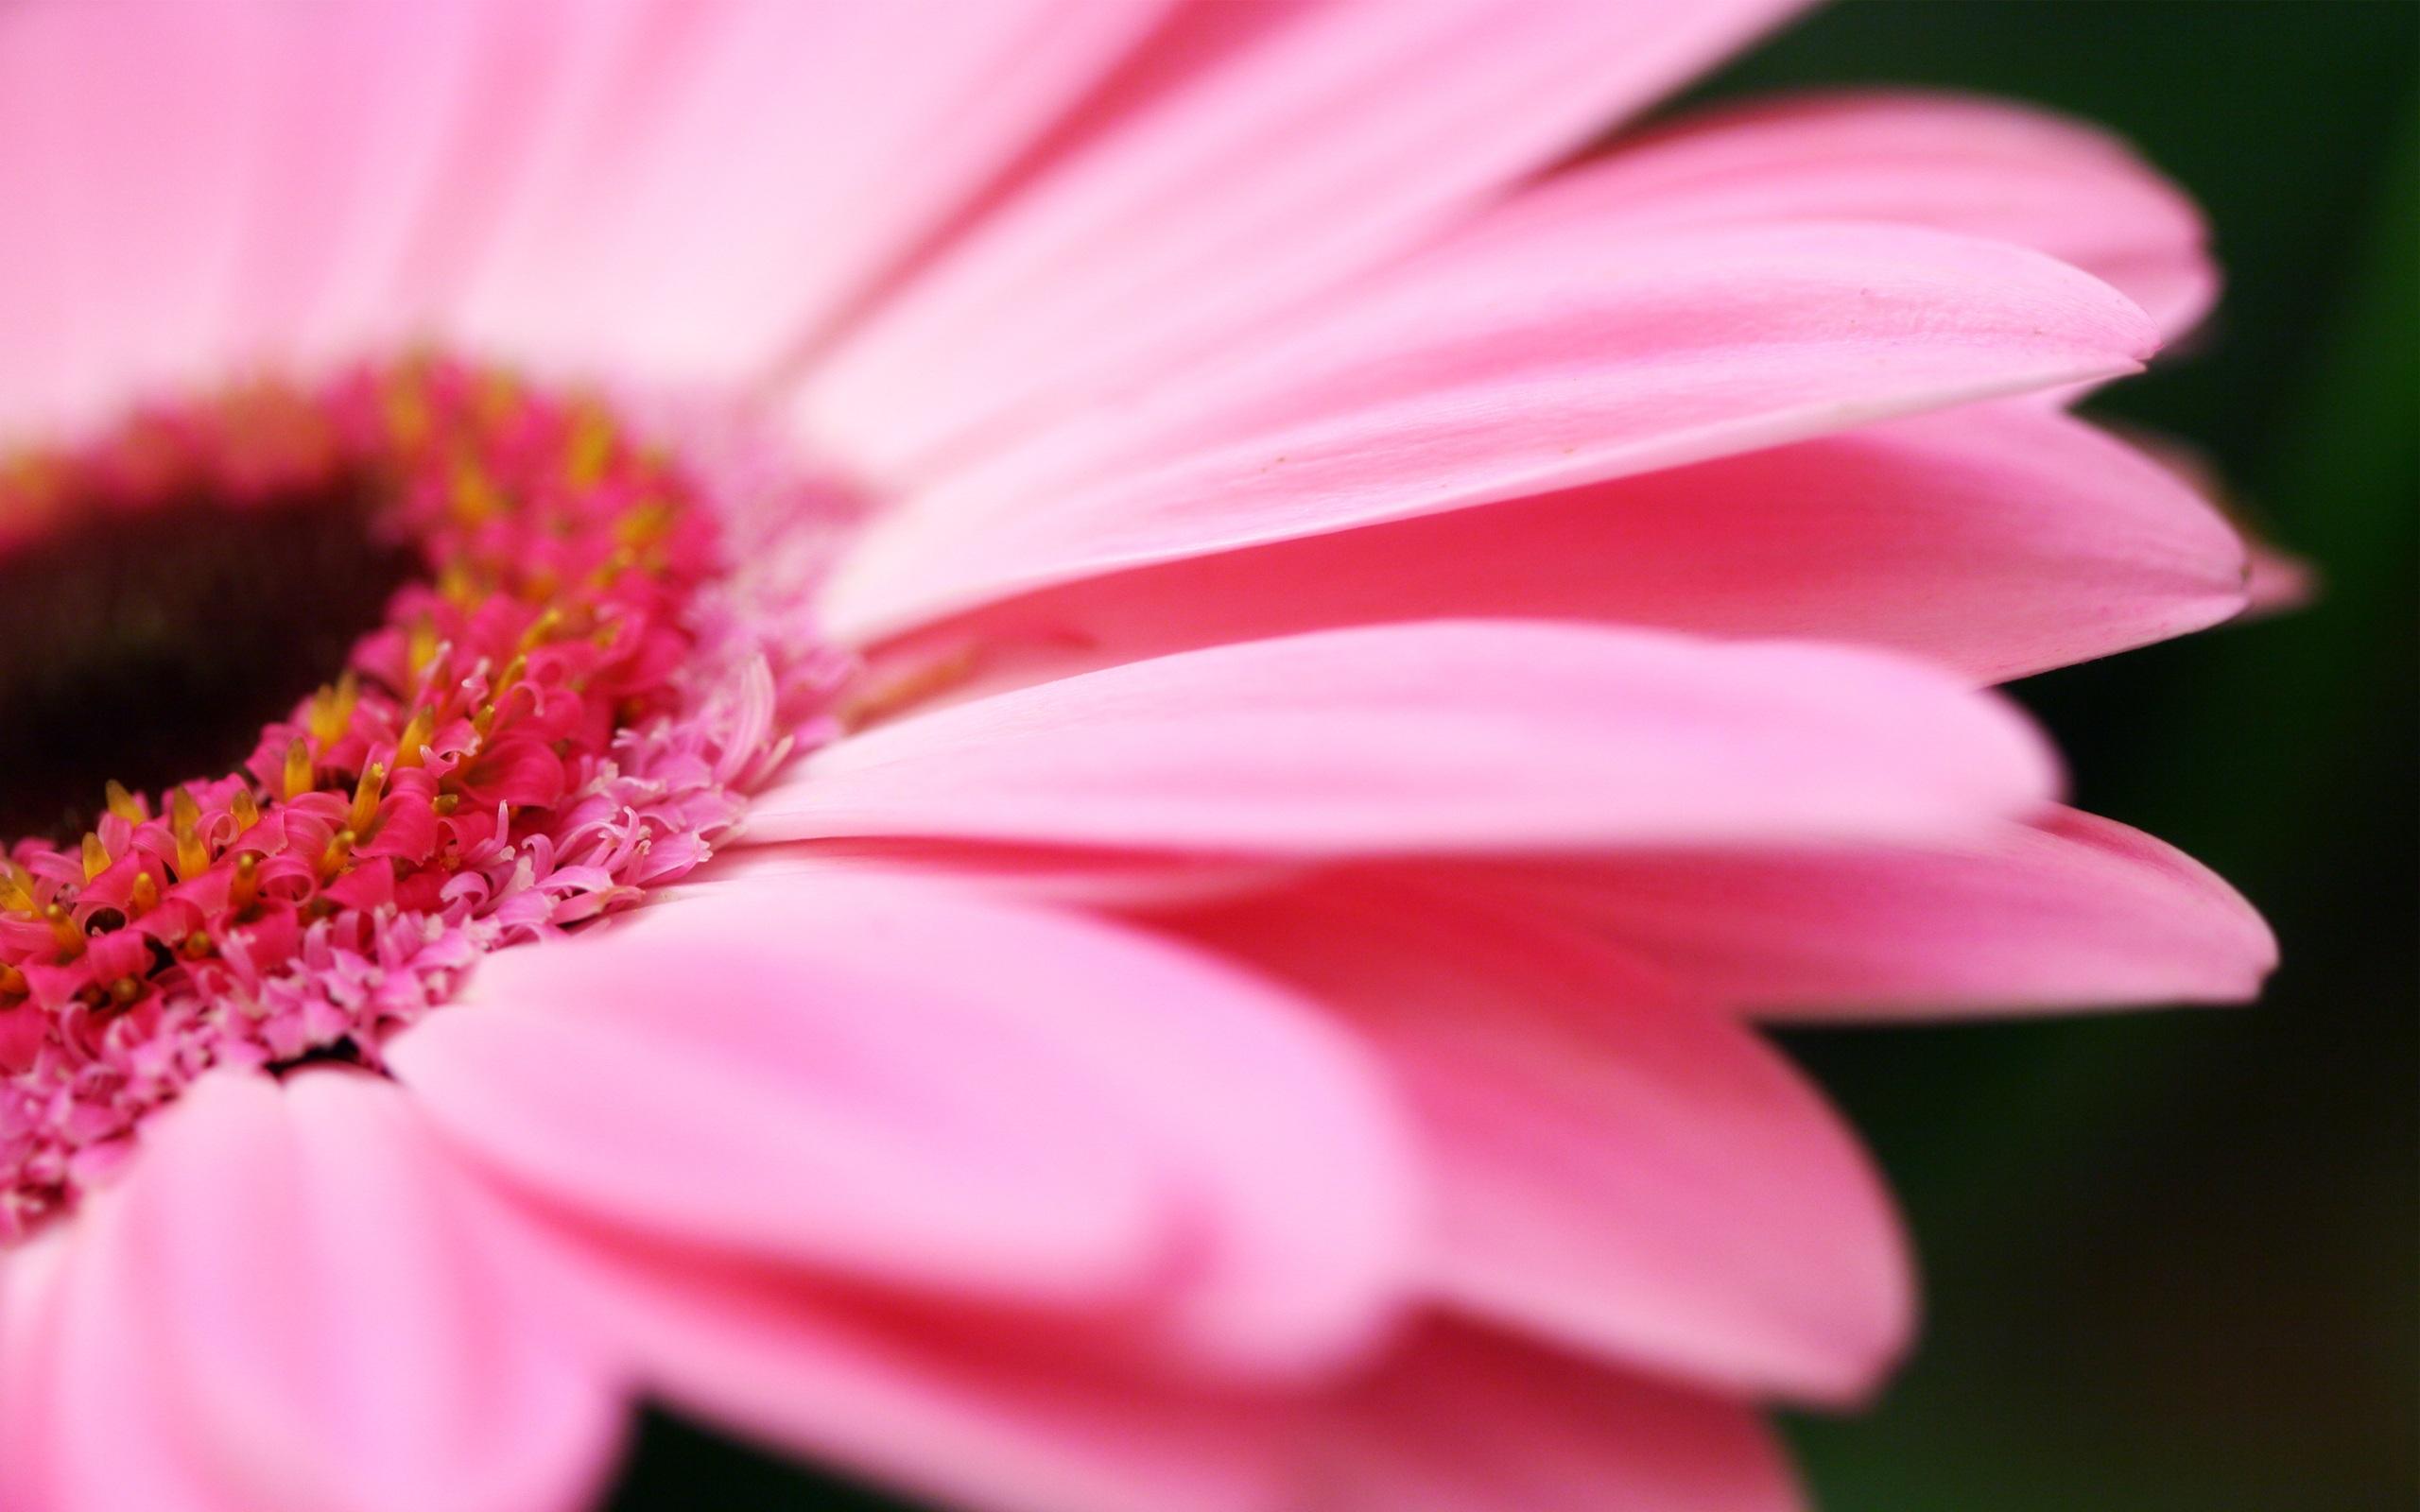 Pink-flower-macro_2560x1600